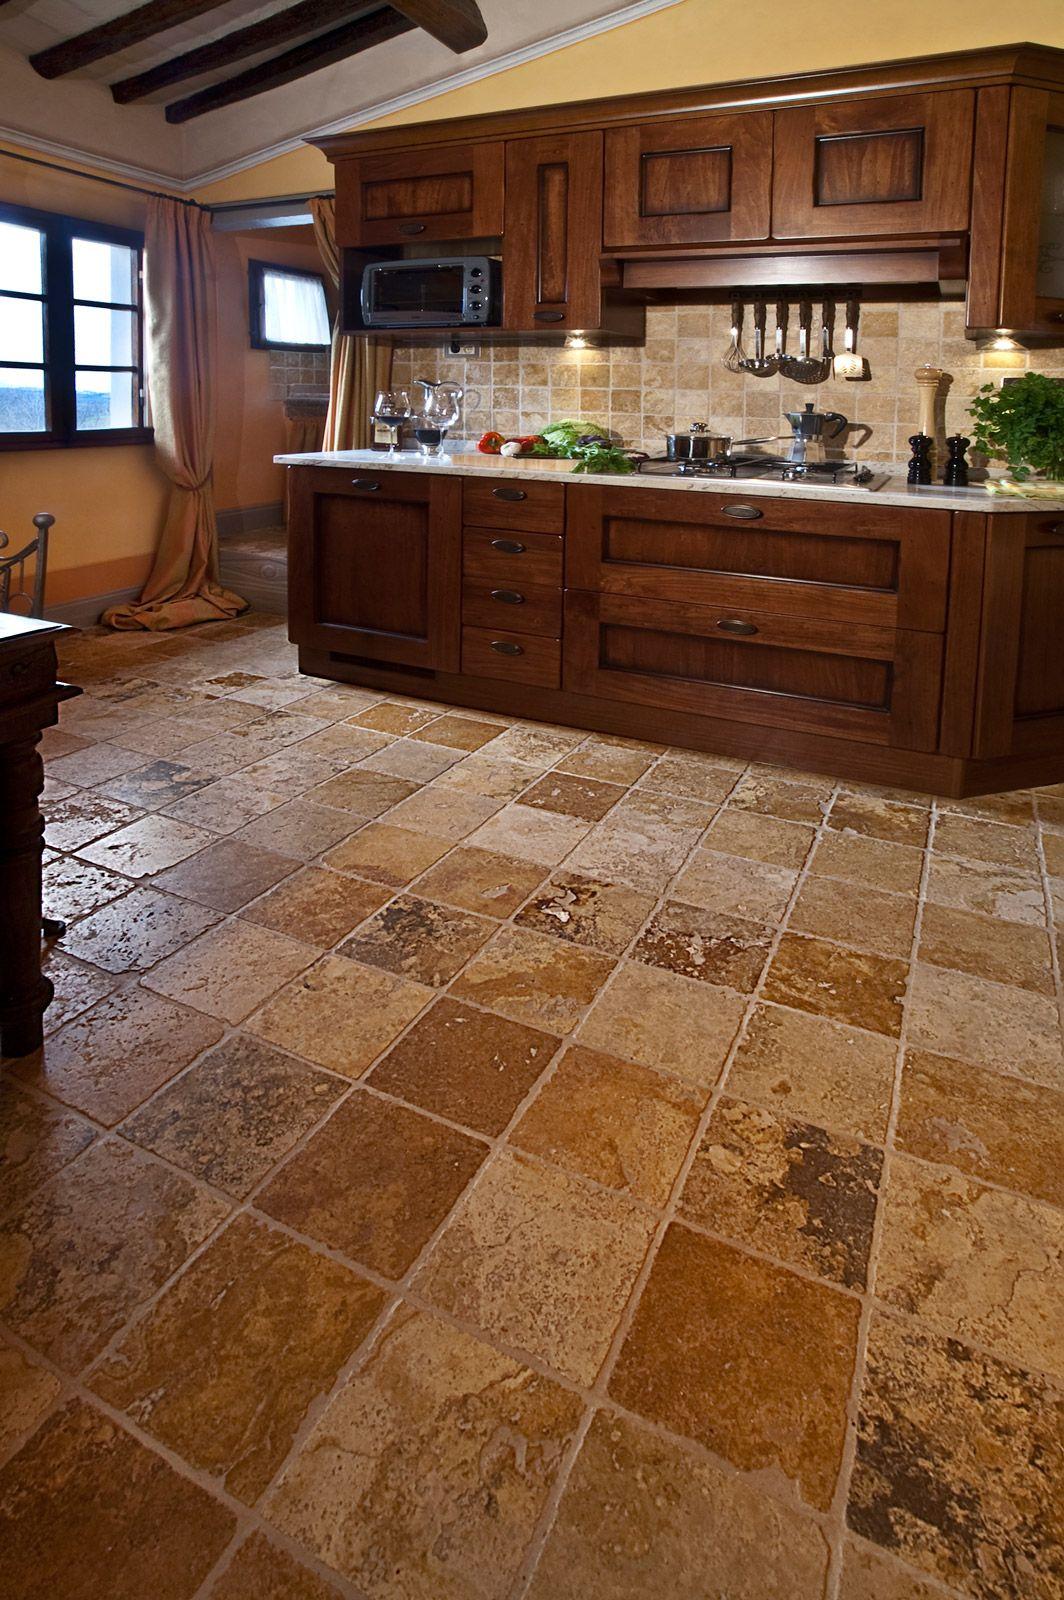 pavimento in pietra per cucina - Cerca con Google | casa ...